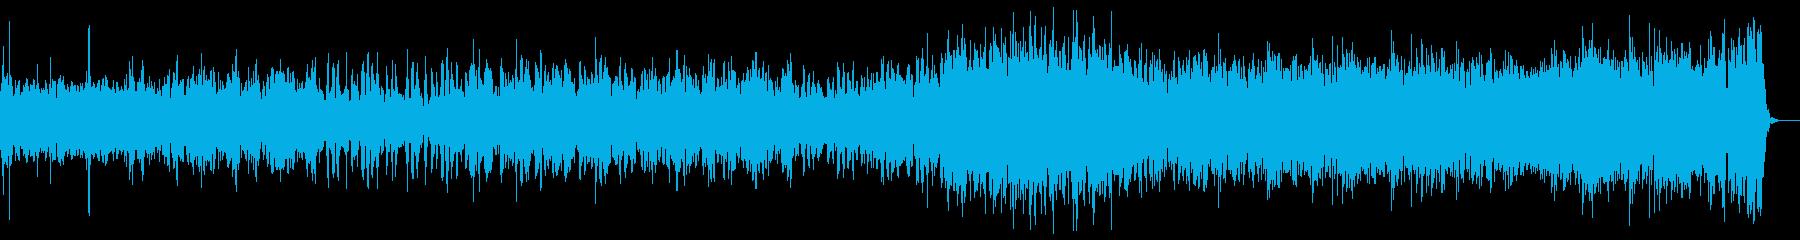 ケルト楽器を使った爽やかなポップスの再生済みの波形